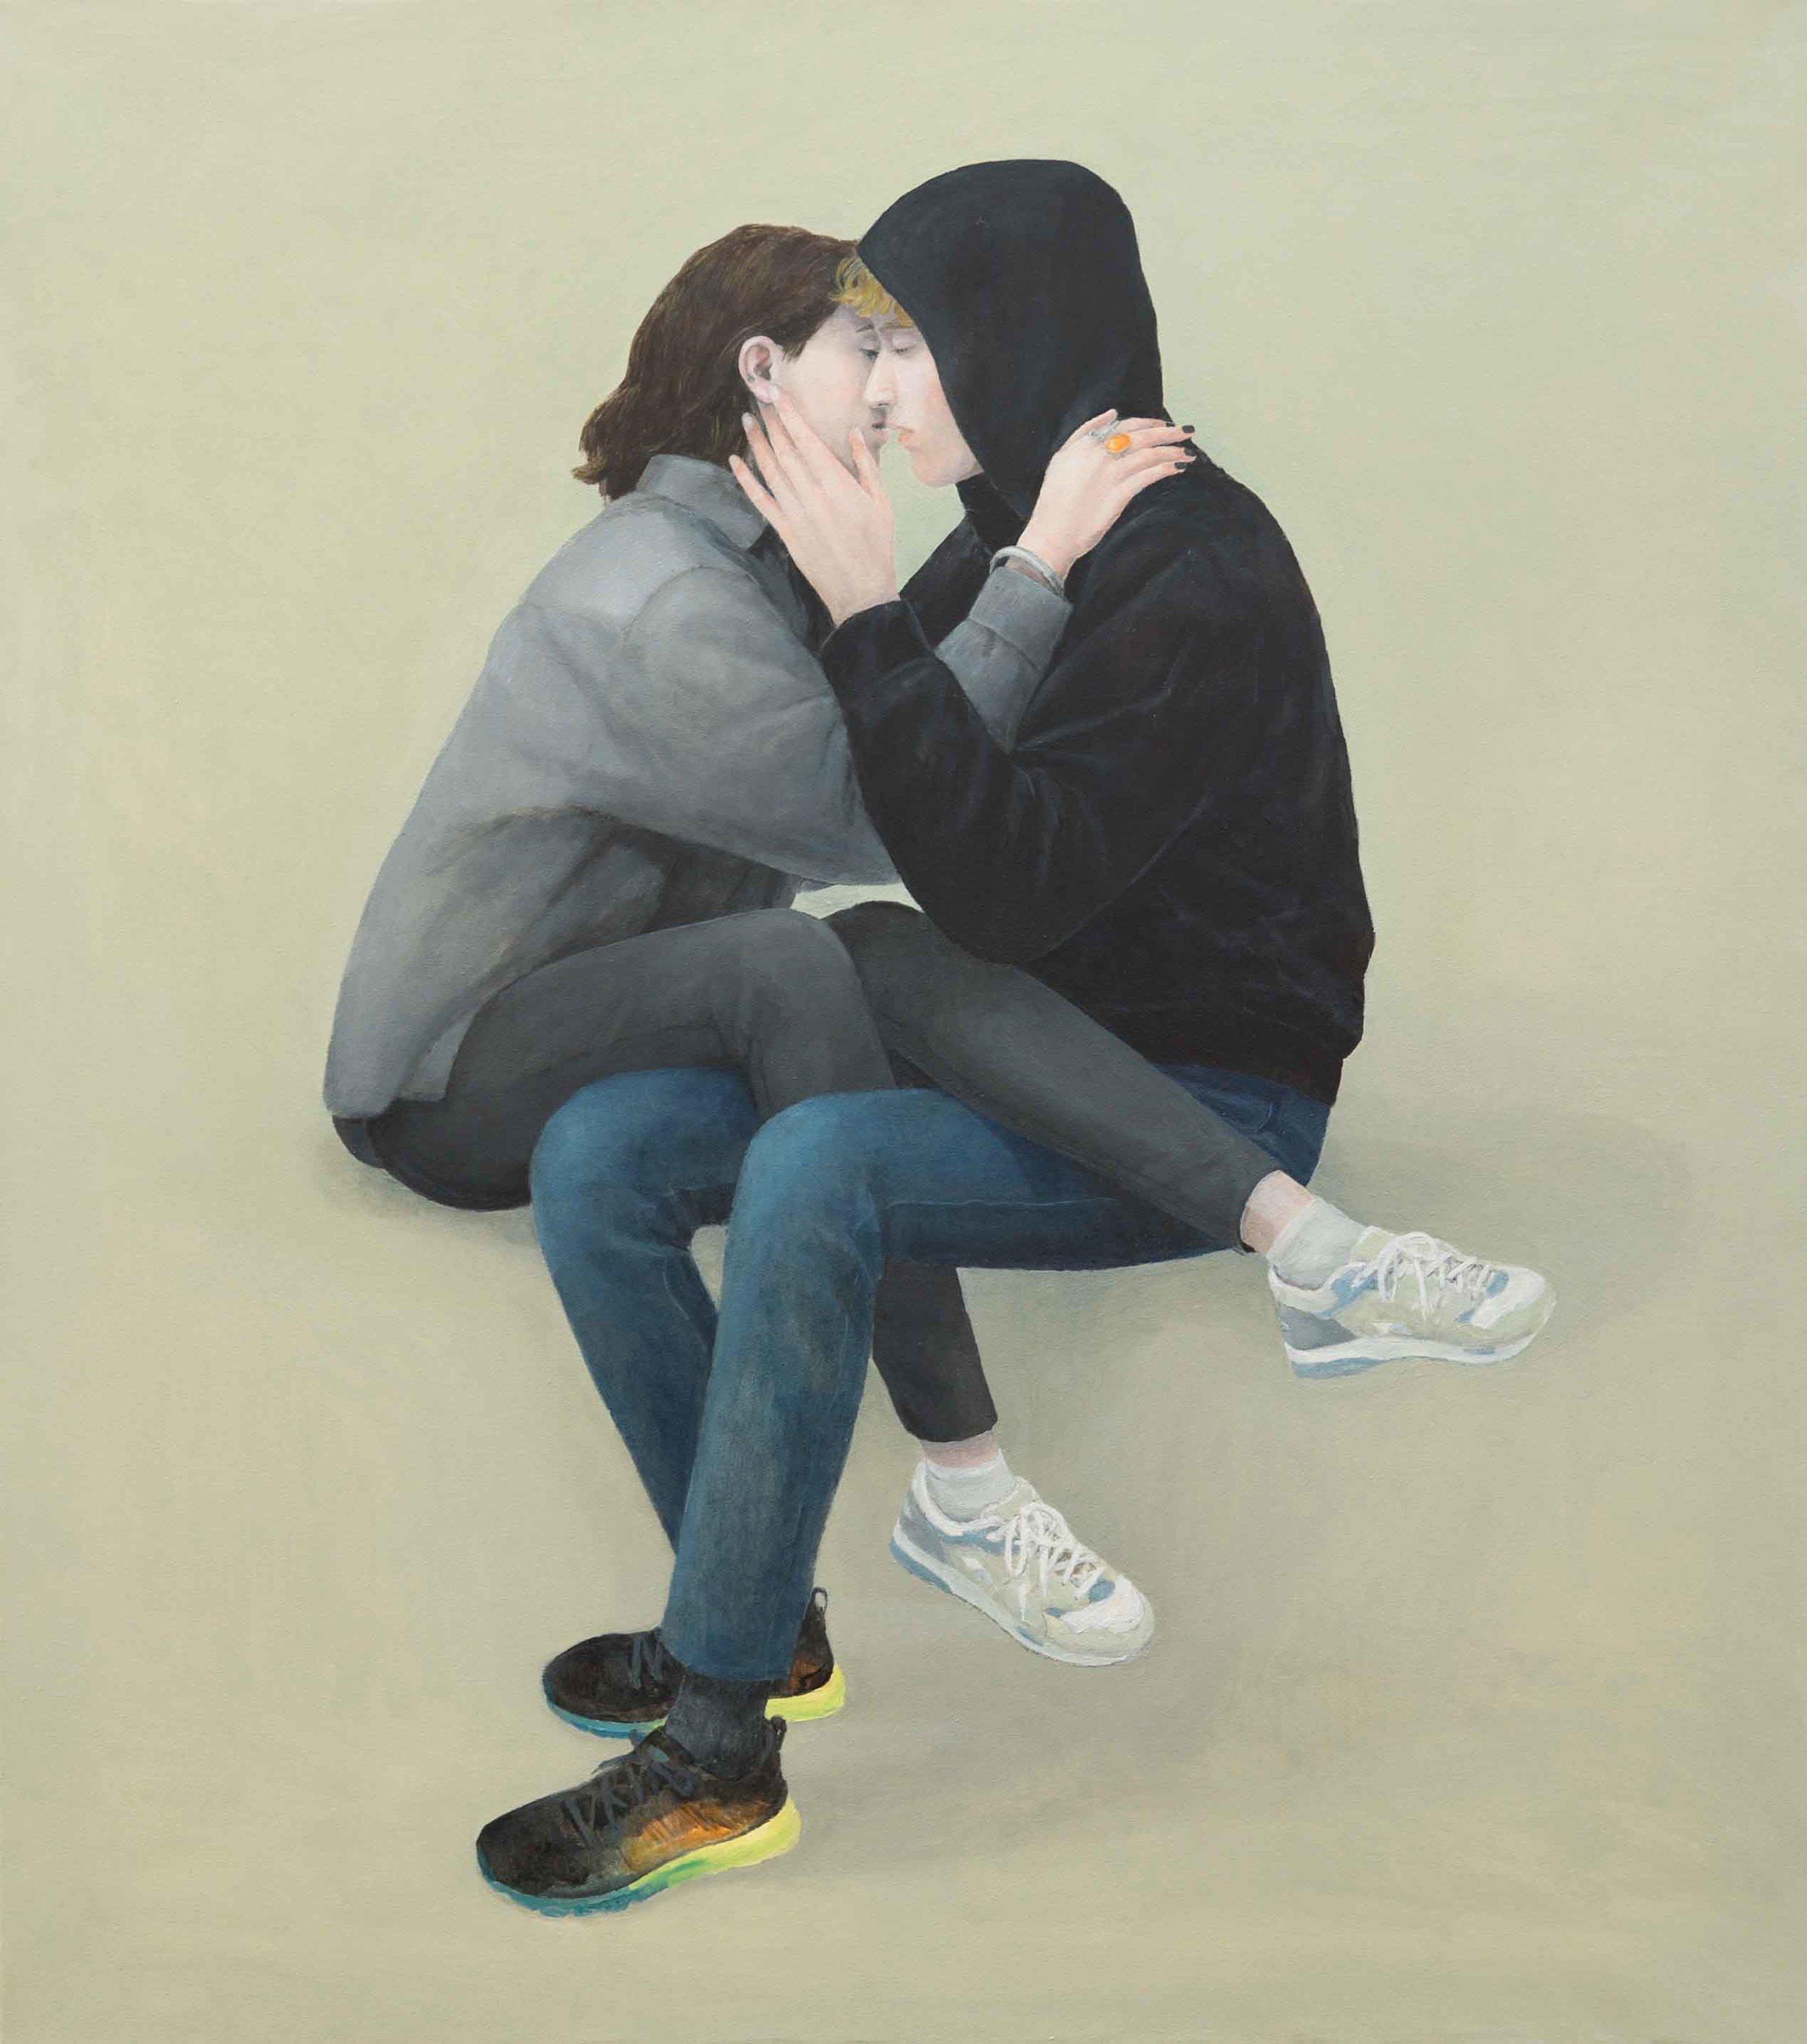 Escape 5, 134x108 cm, Oil on Canvas